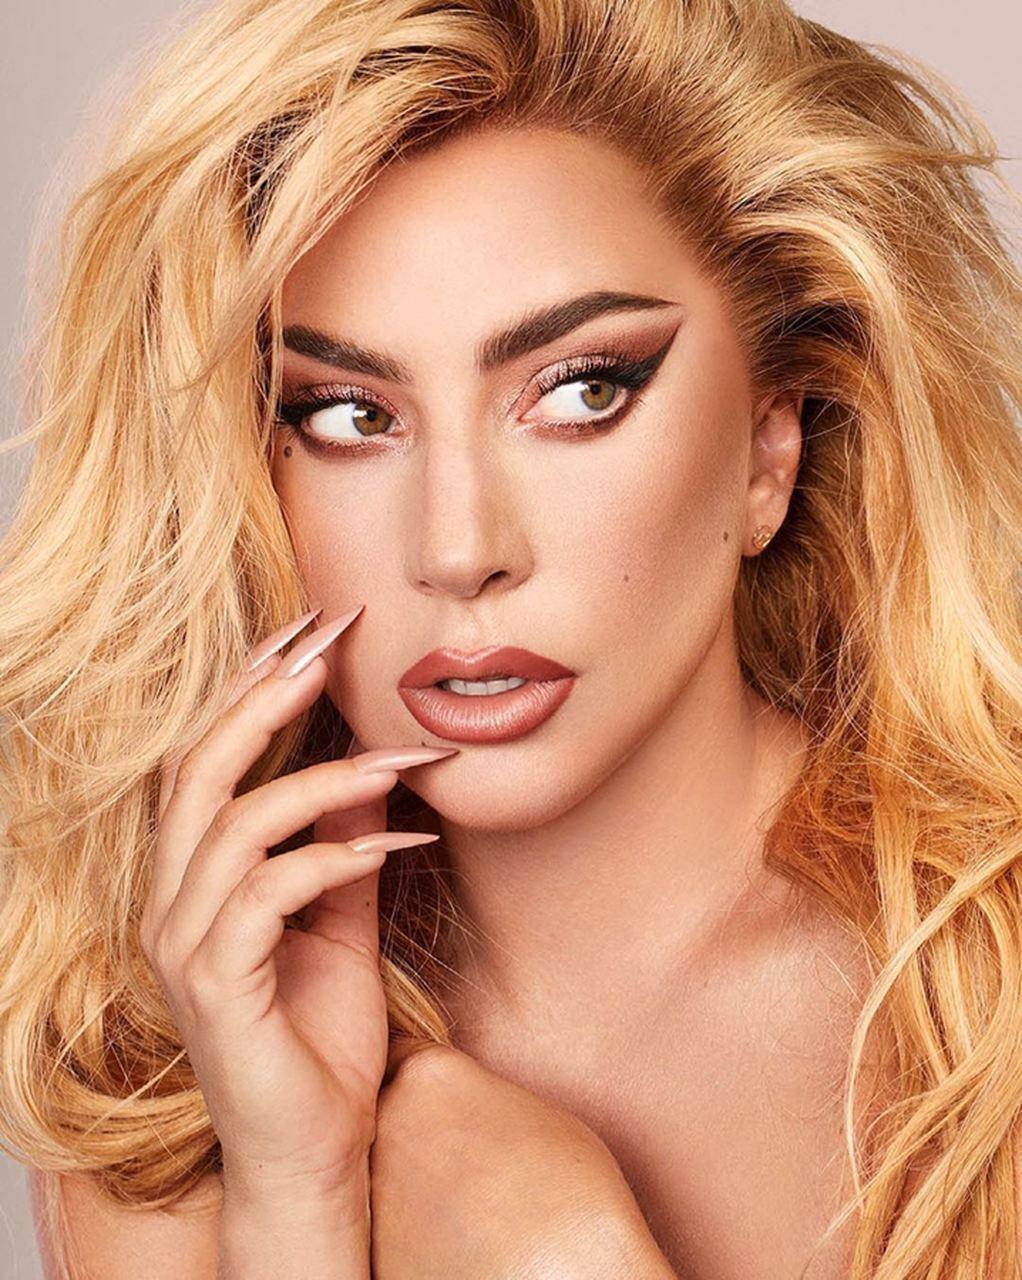 Lady Gaga é a artista com mais fama